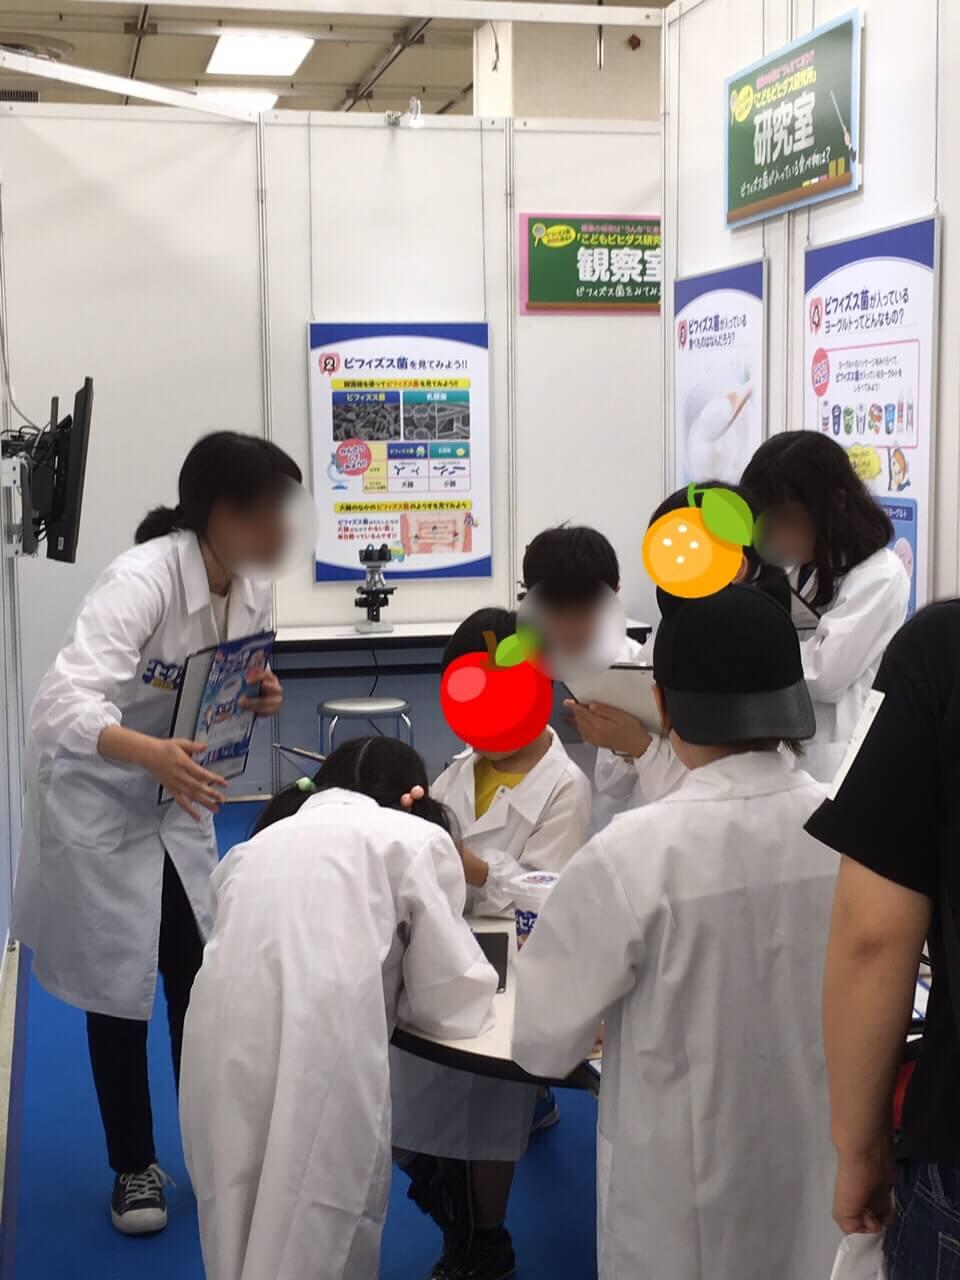 20190815こどもビヒダス研究所試食